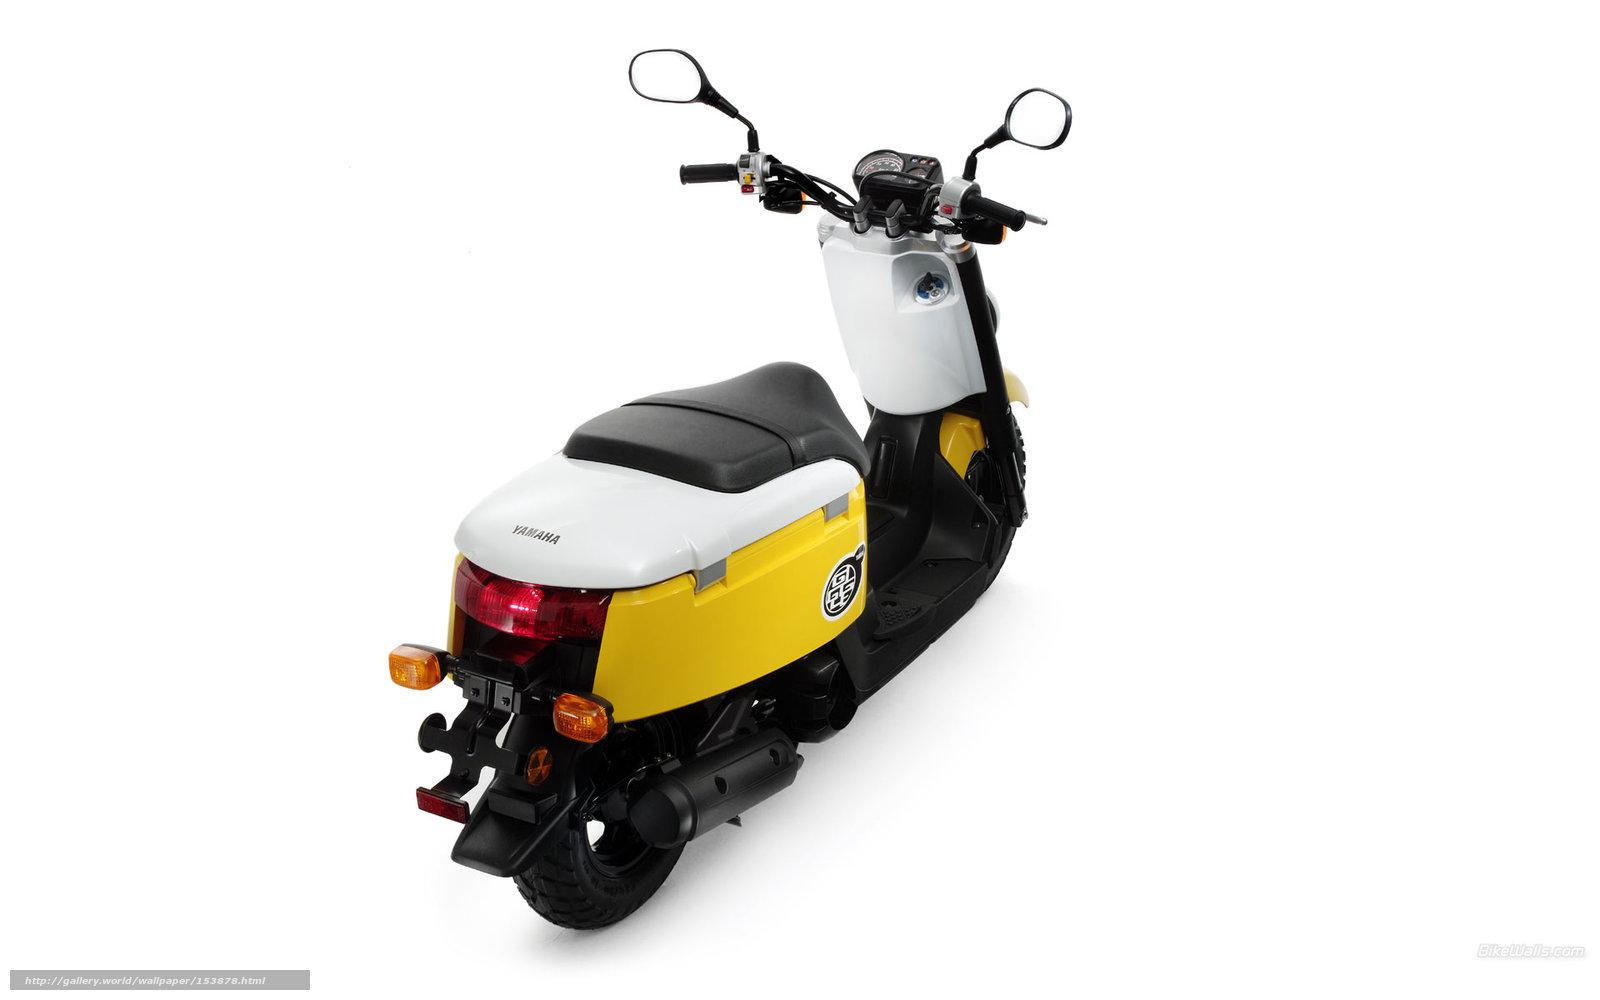 Скачать обои Yamaha,  Scooter,  Giggle,  Giggle 2008 бесплатно для рабочего стола в разрешении 1920x1200 — картинка №153878